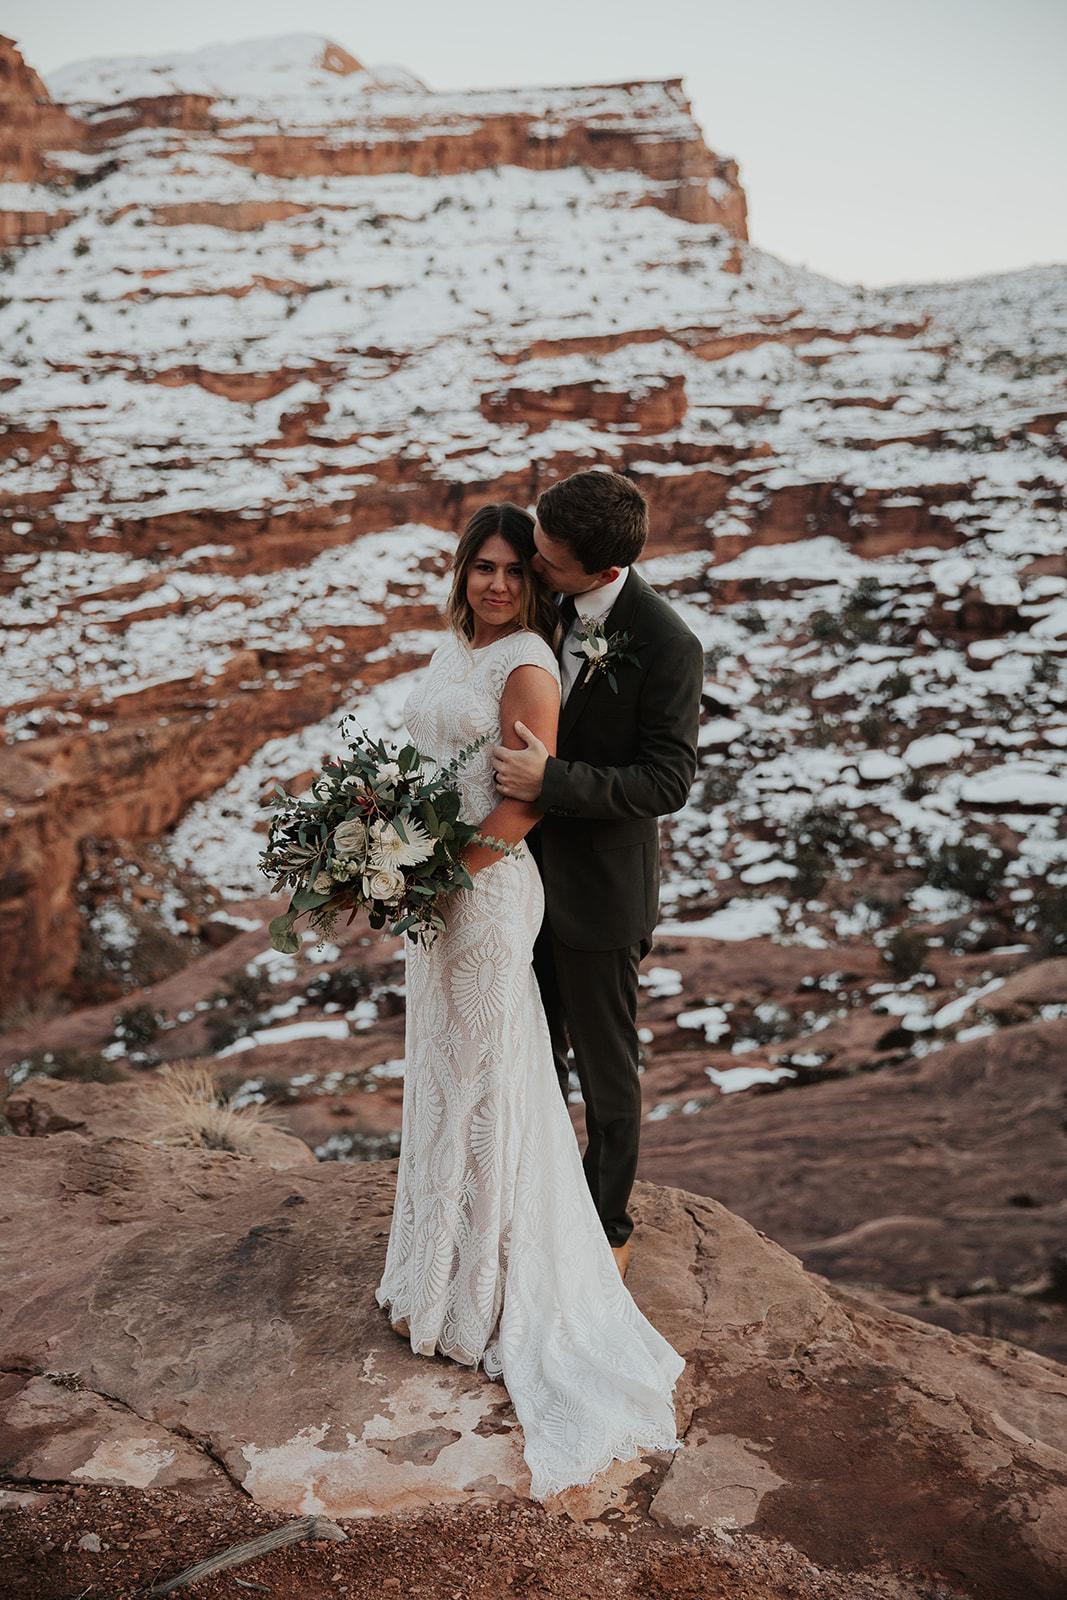 jamie+weston bridals-228.jpg